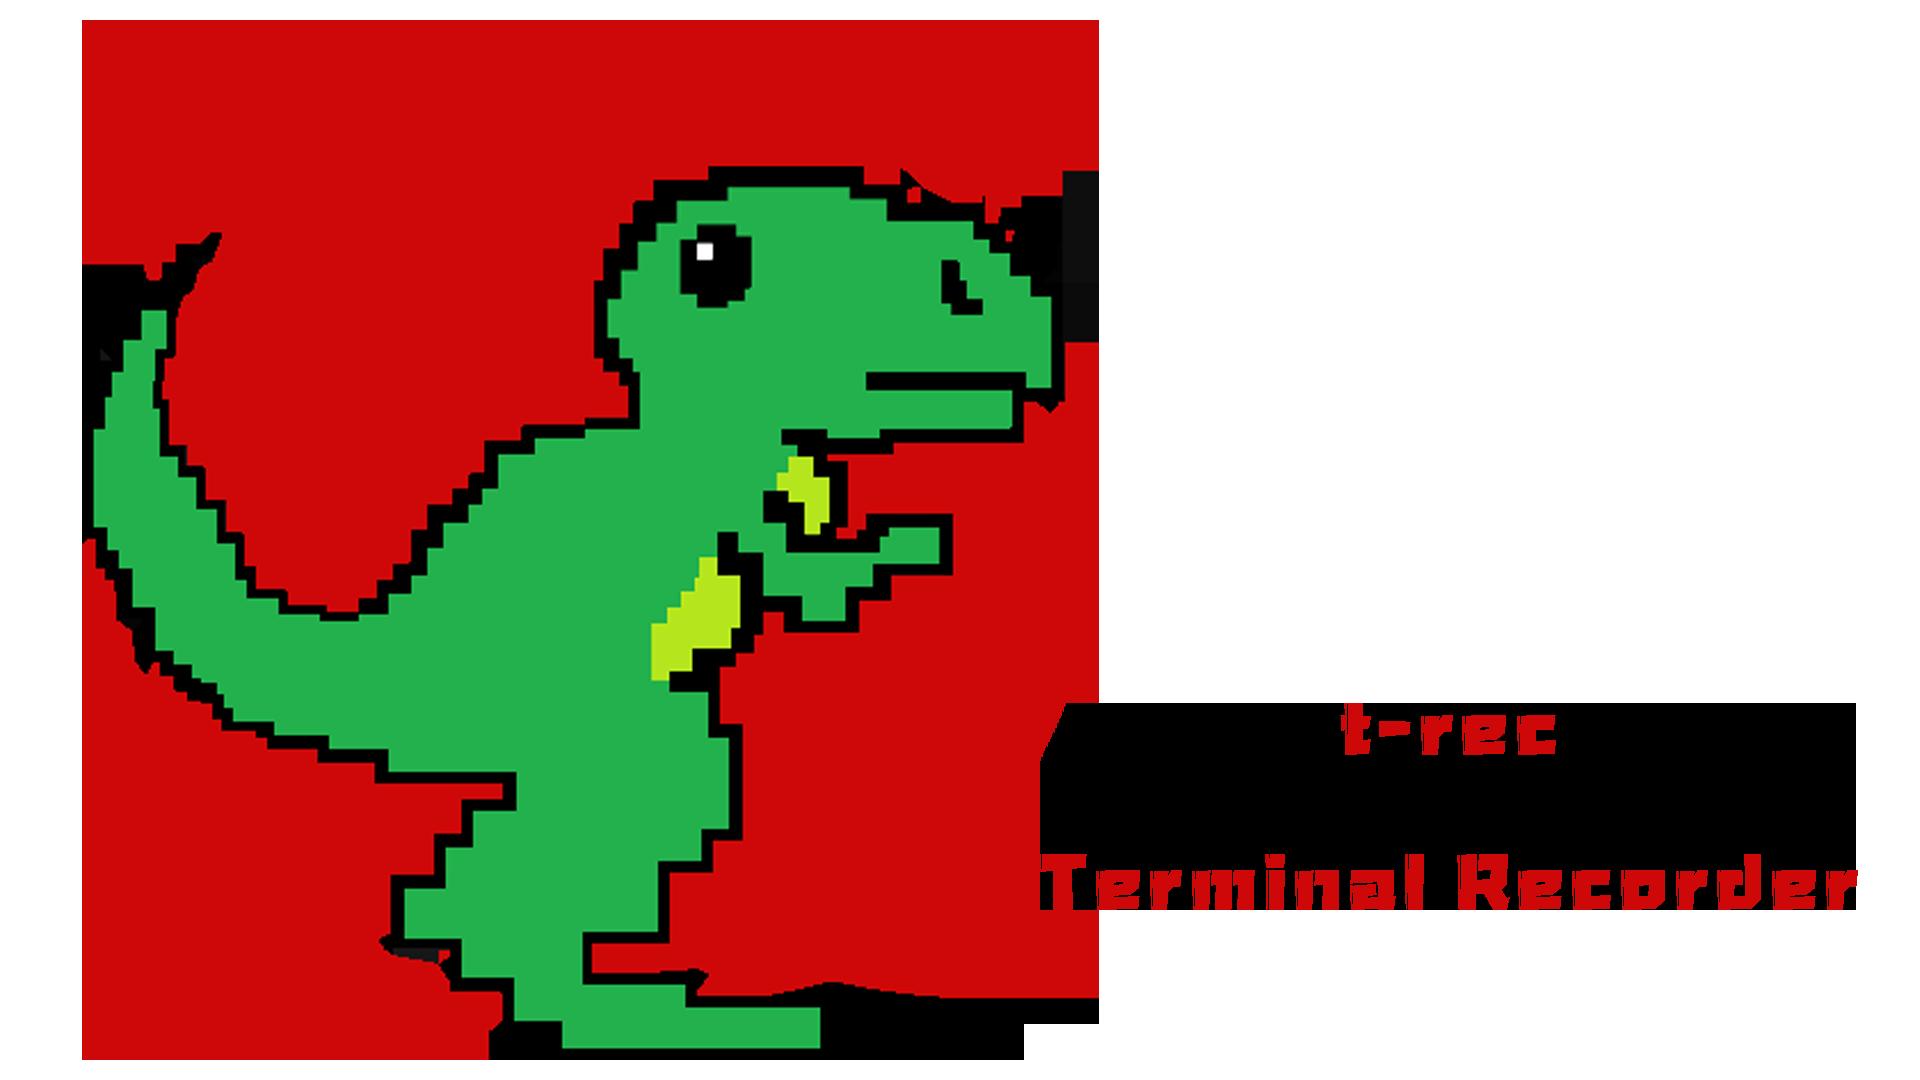 【导语】:t-rec 是一款惊人的快速终端记录器,可以生成 gif 图像。